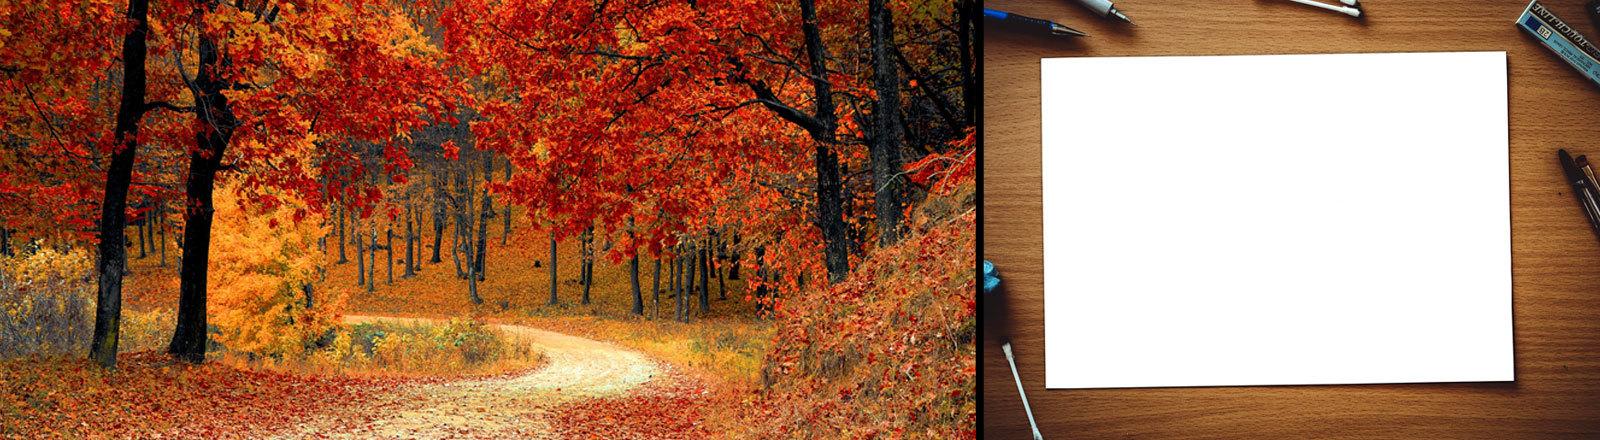 Links: Ein Herbstwald. Rechts: Ein Blatt Papier